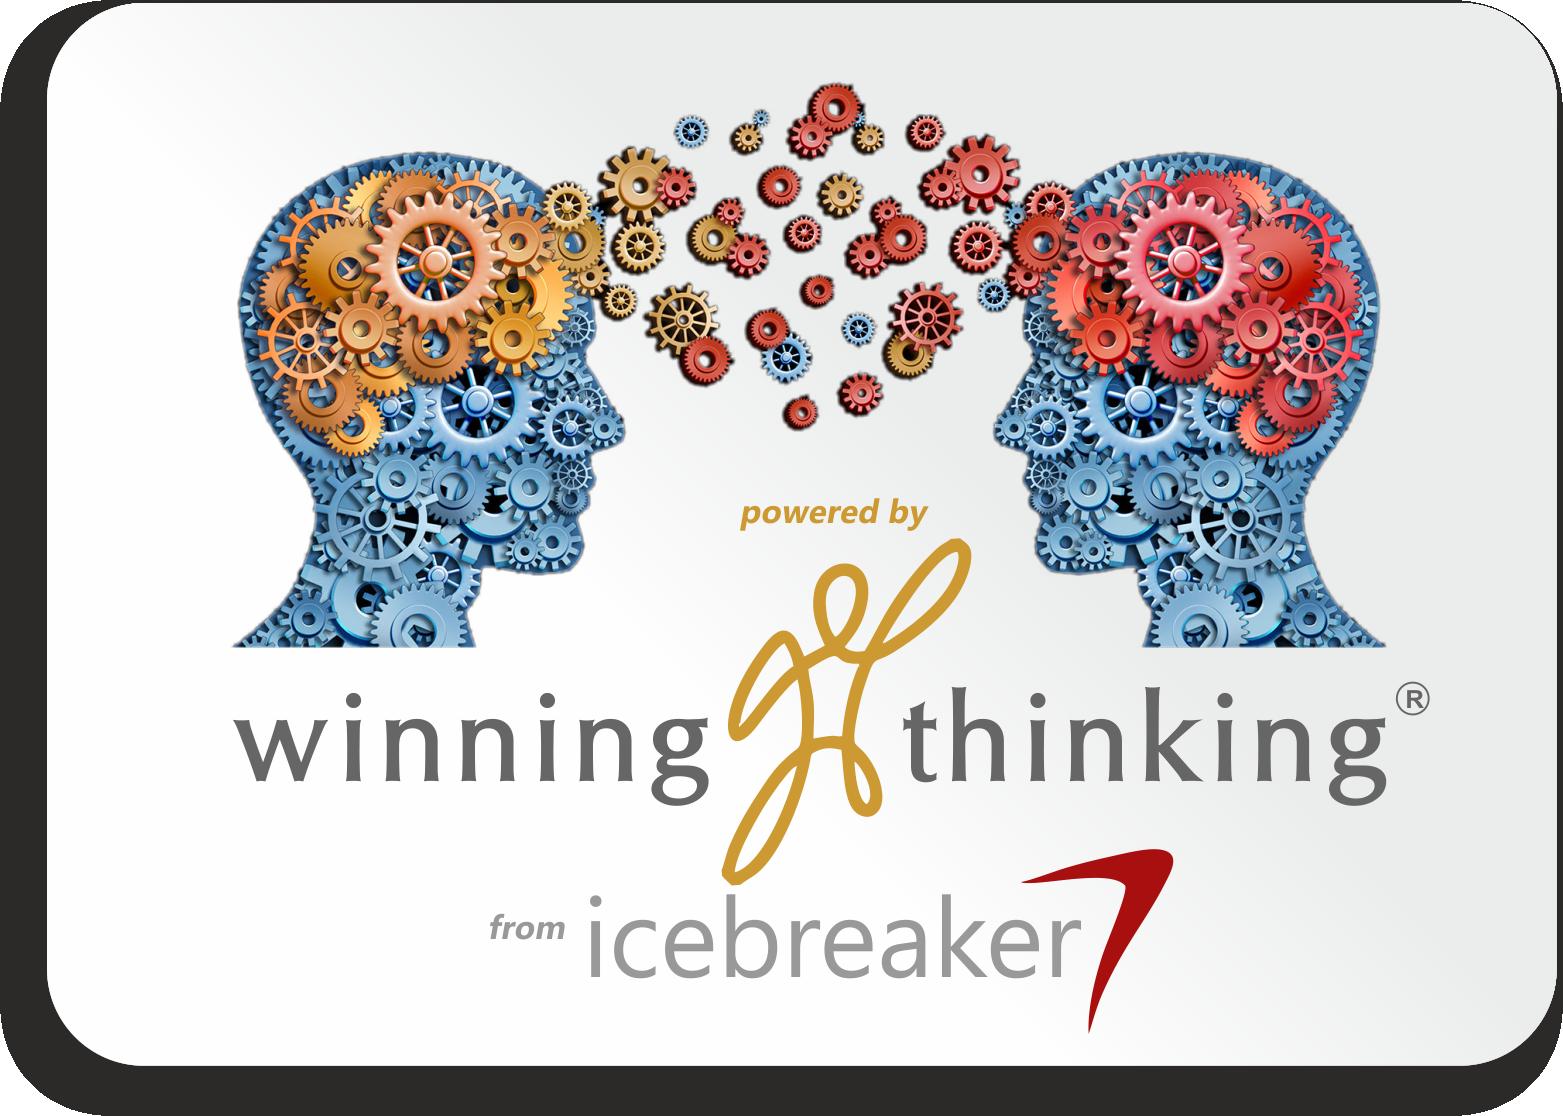 an overview of winningthinking